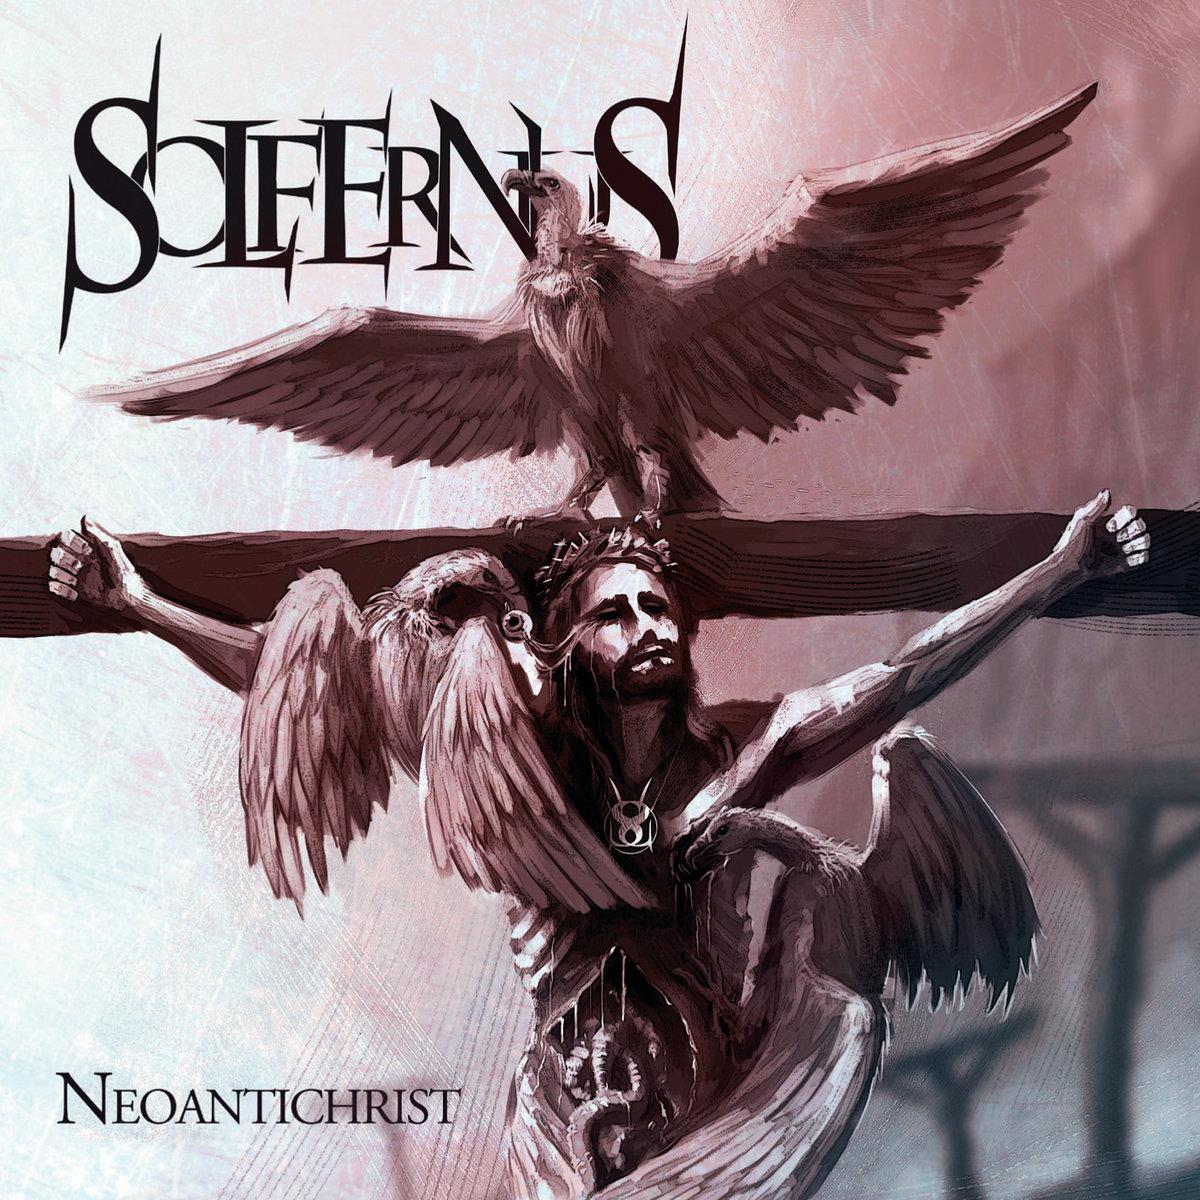 Αποτέλεσμα εικόνας για solfernus neoantichrist